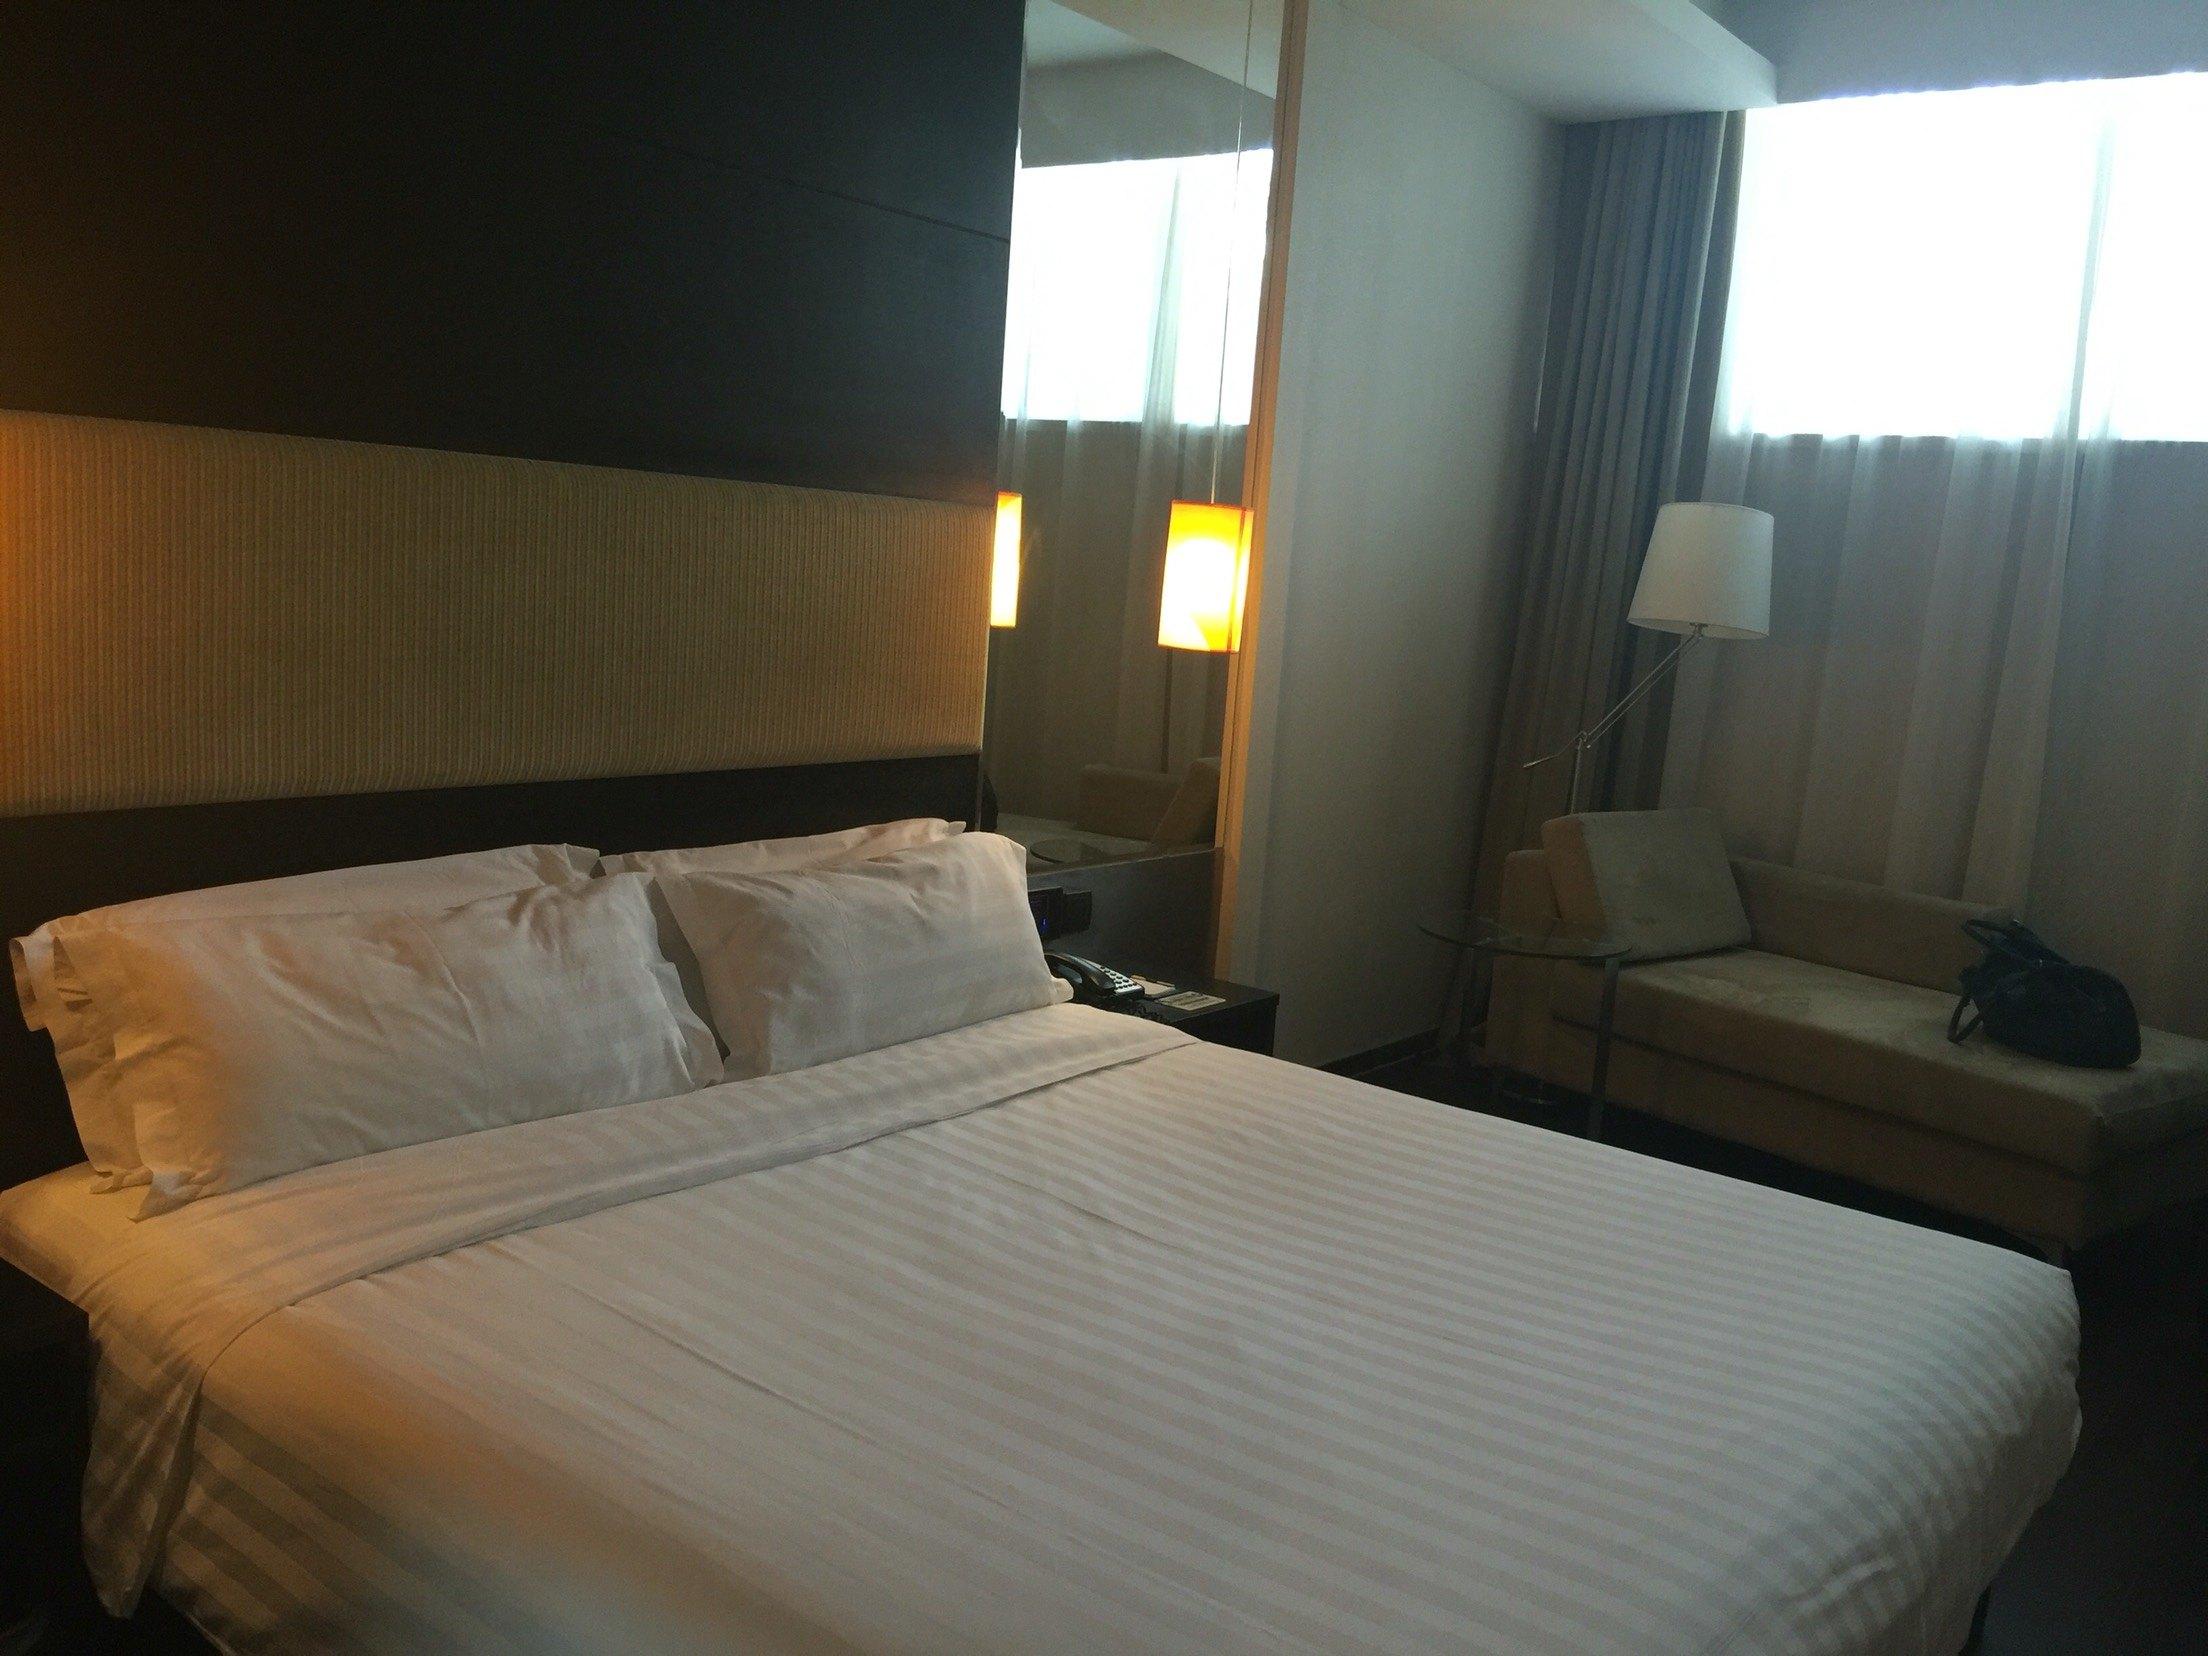 桔子酒店(南京玄武门店)想问南京桔子酒店有 – 手机爱问